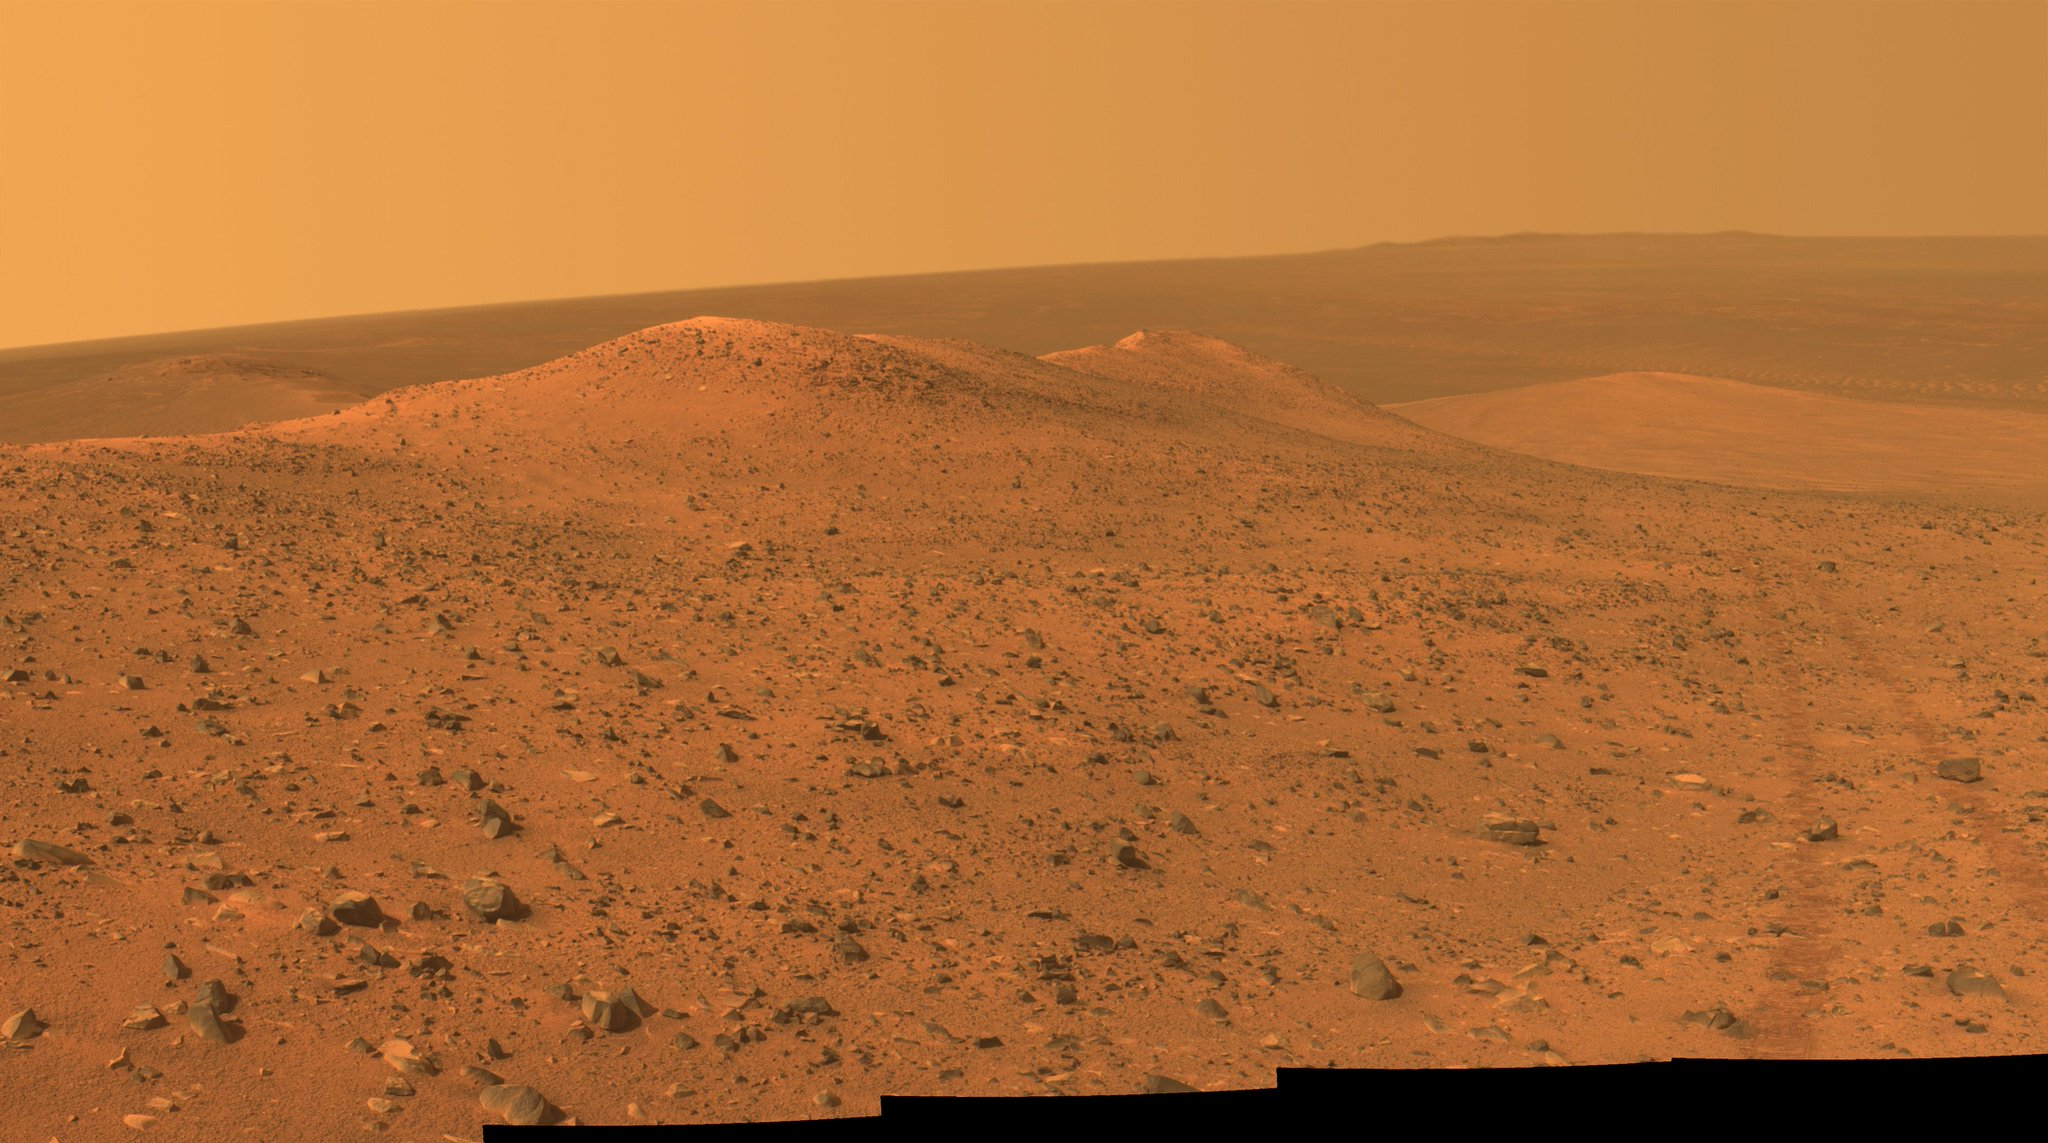 curiosity2014: martian landscape